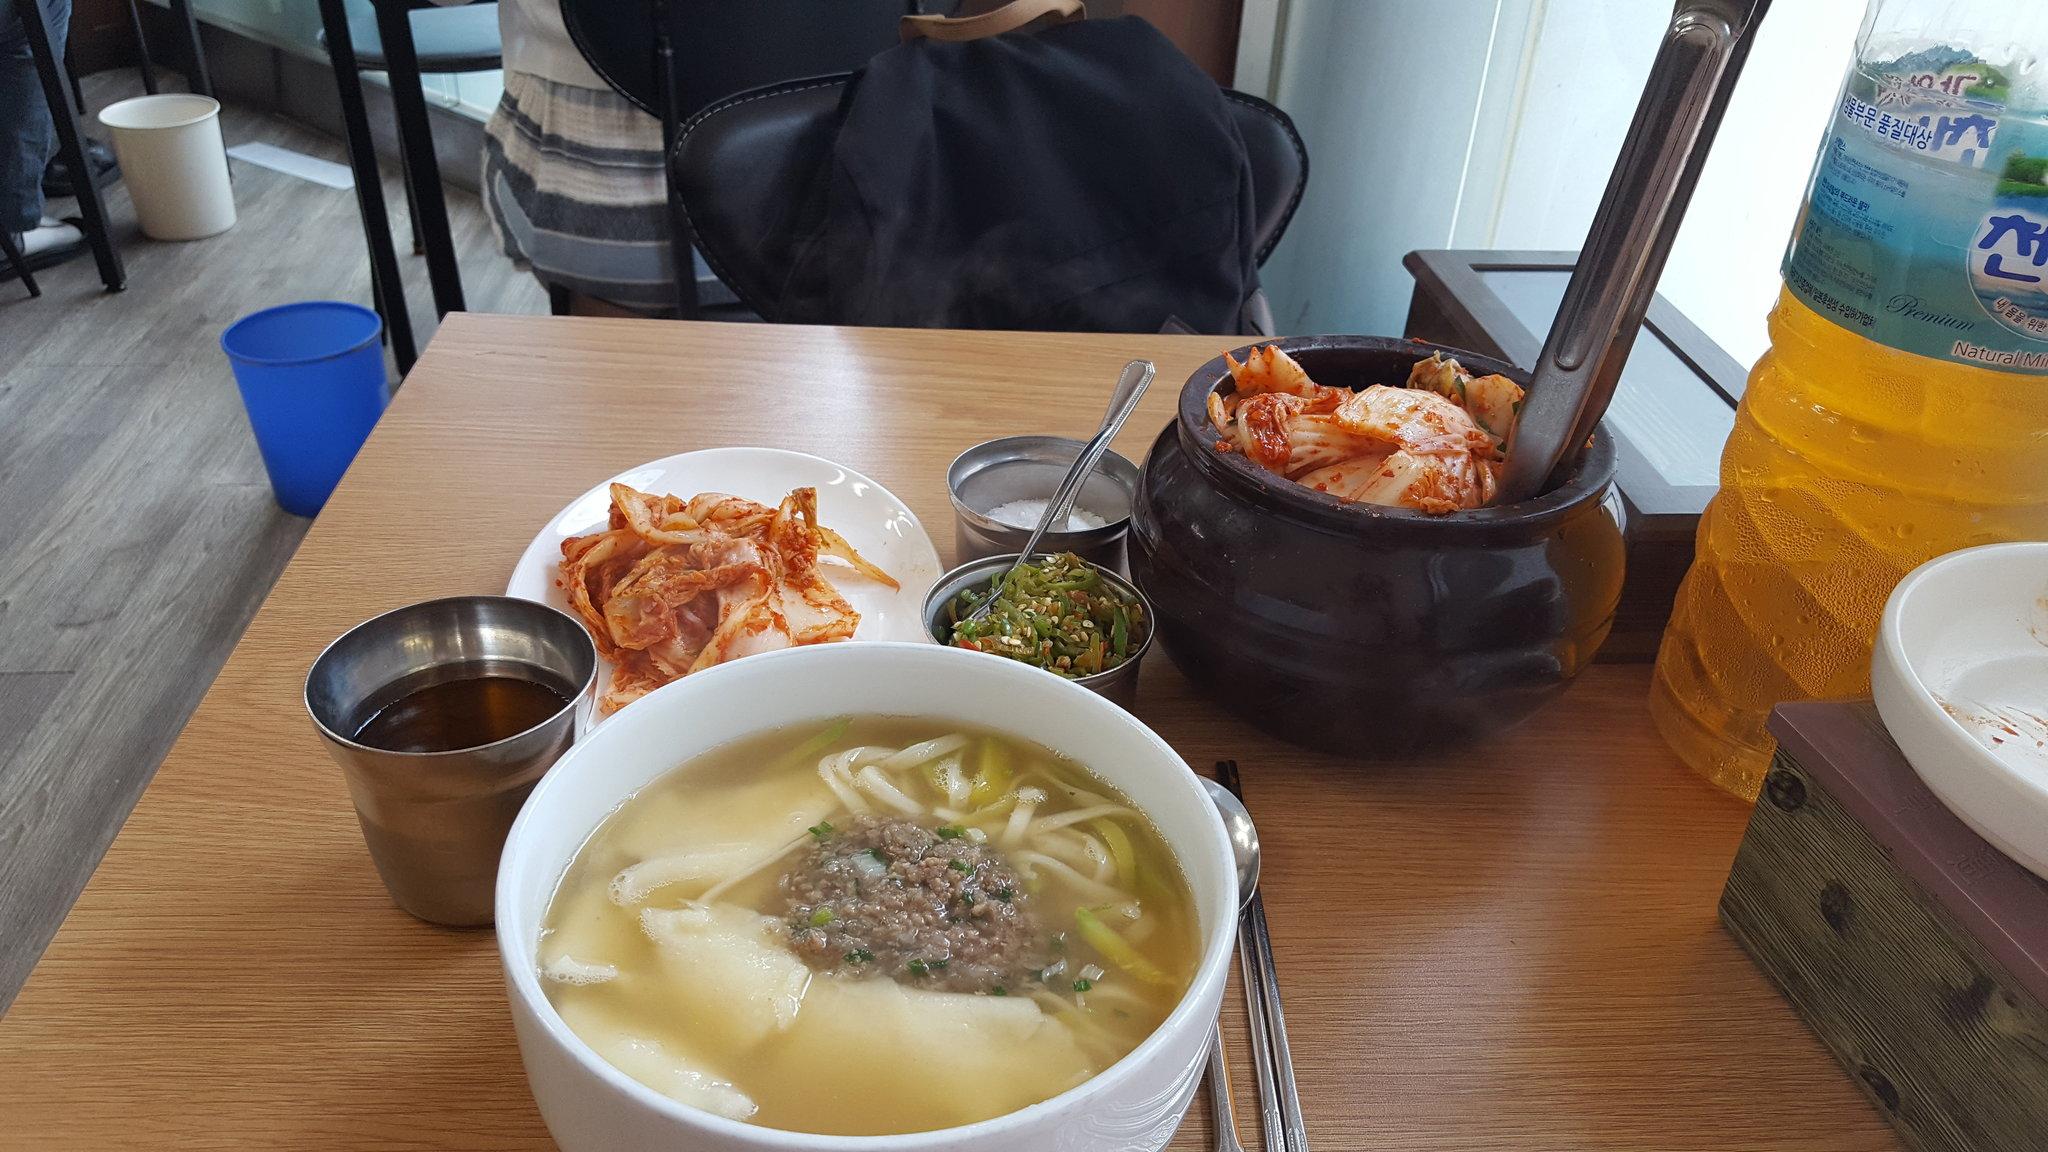 논현손칼국수 사진 - 서울시 강남구 논현동 193-38